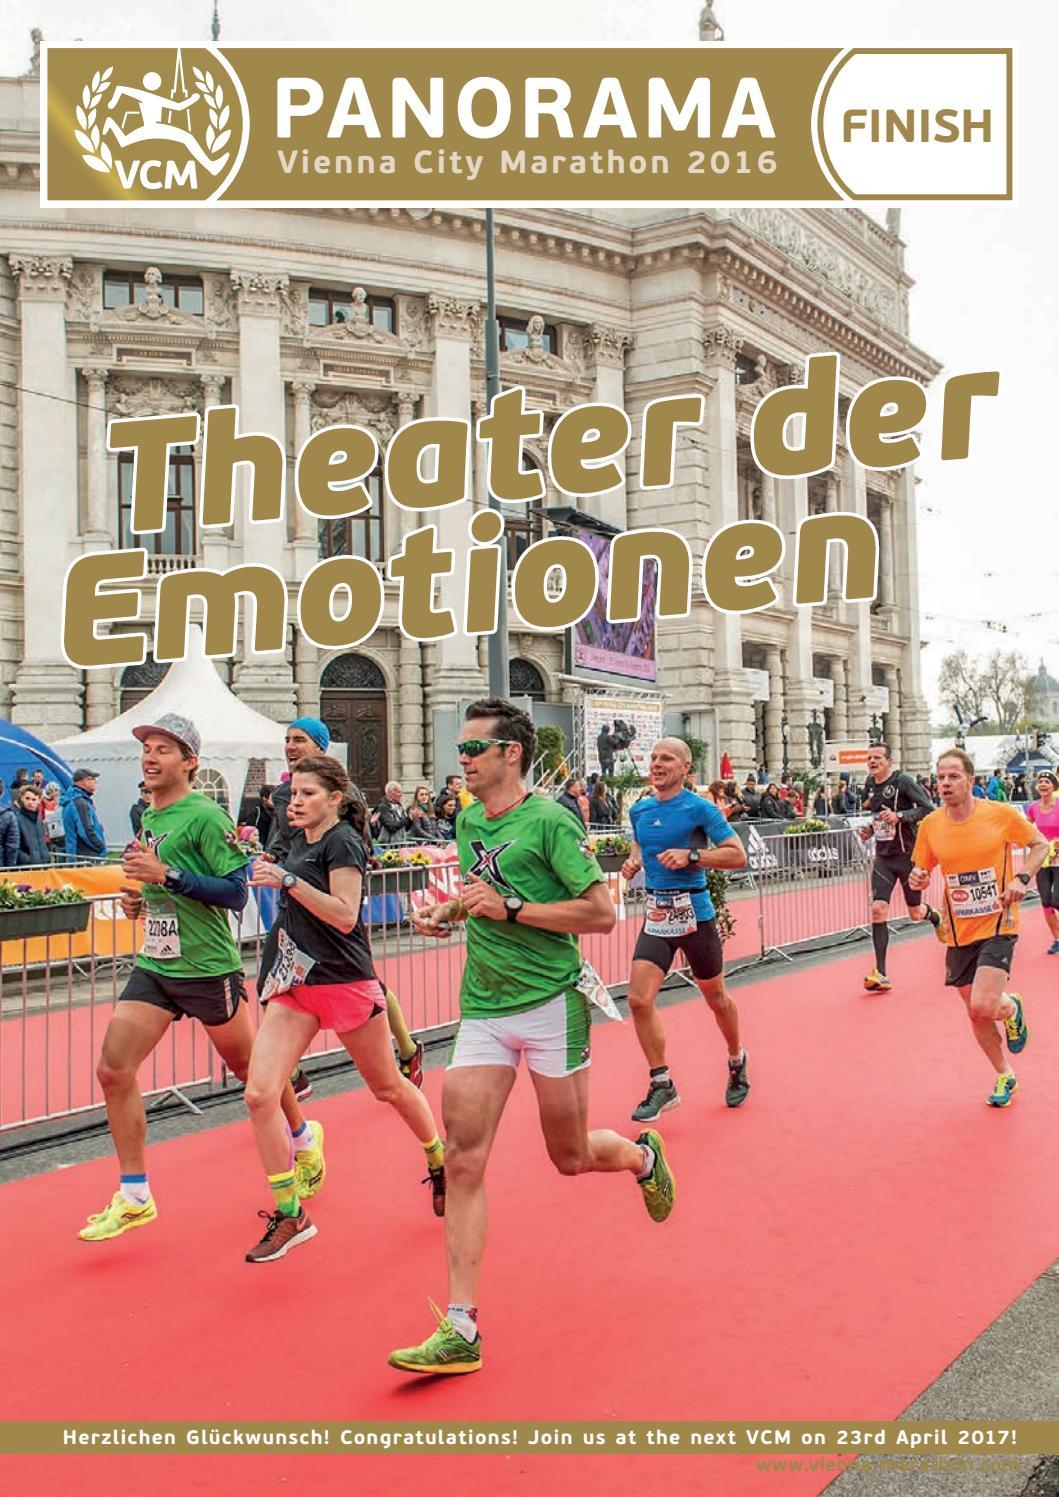 VCM Panorama FINISH 2016 by vienna_city_marathon issuu